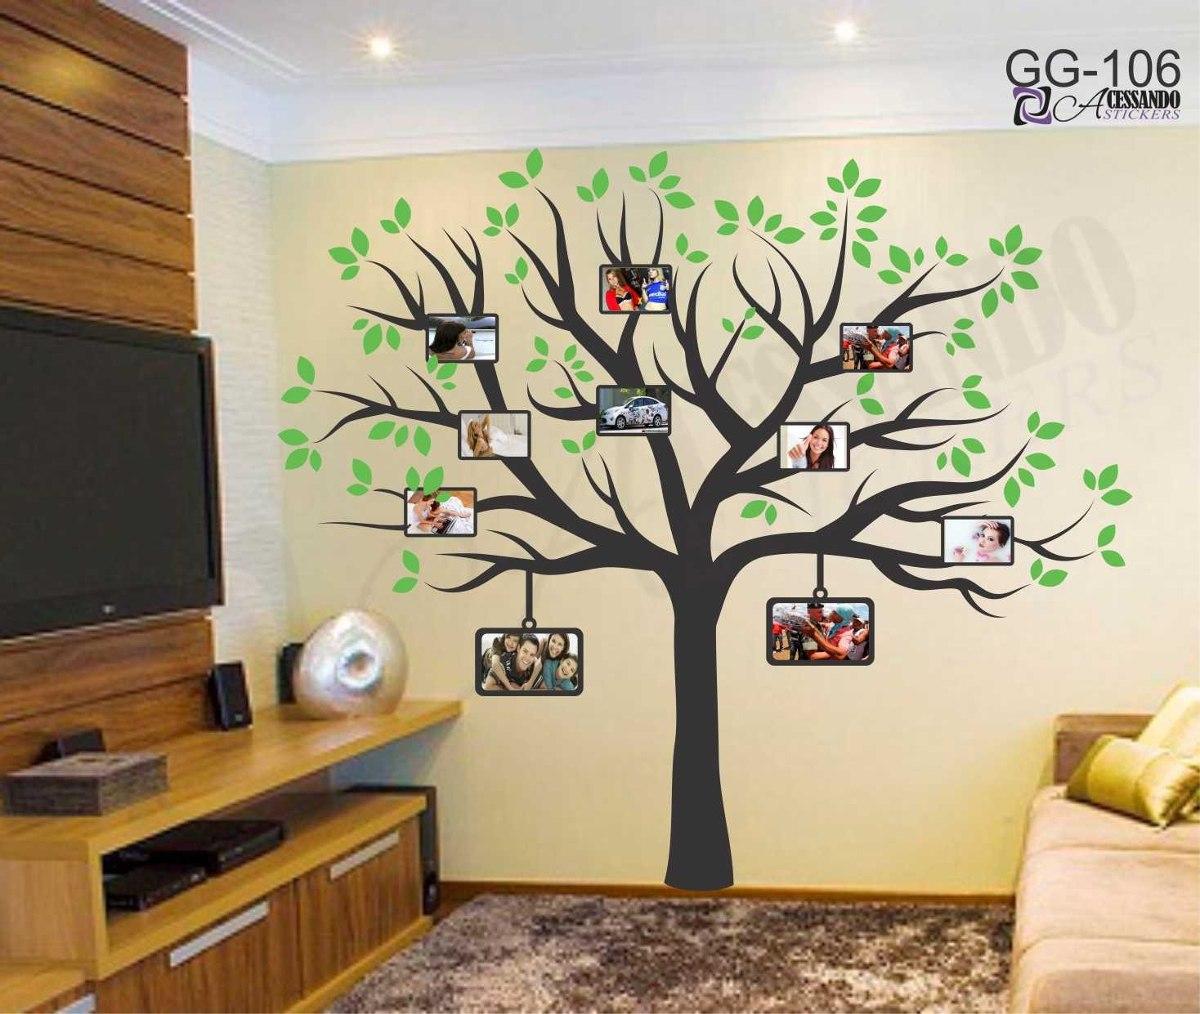 Adesivo papel parede arvore flor queima de estoque - Papel pared barato ...